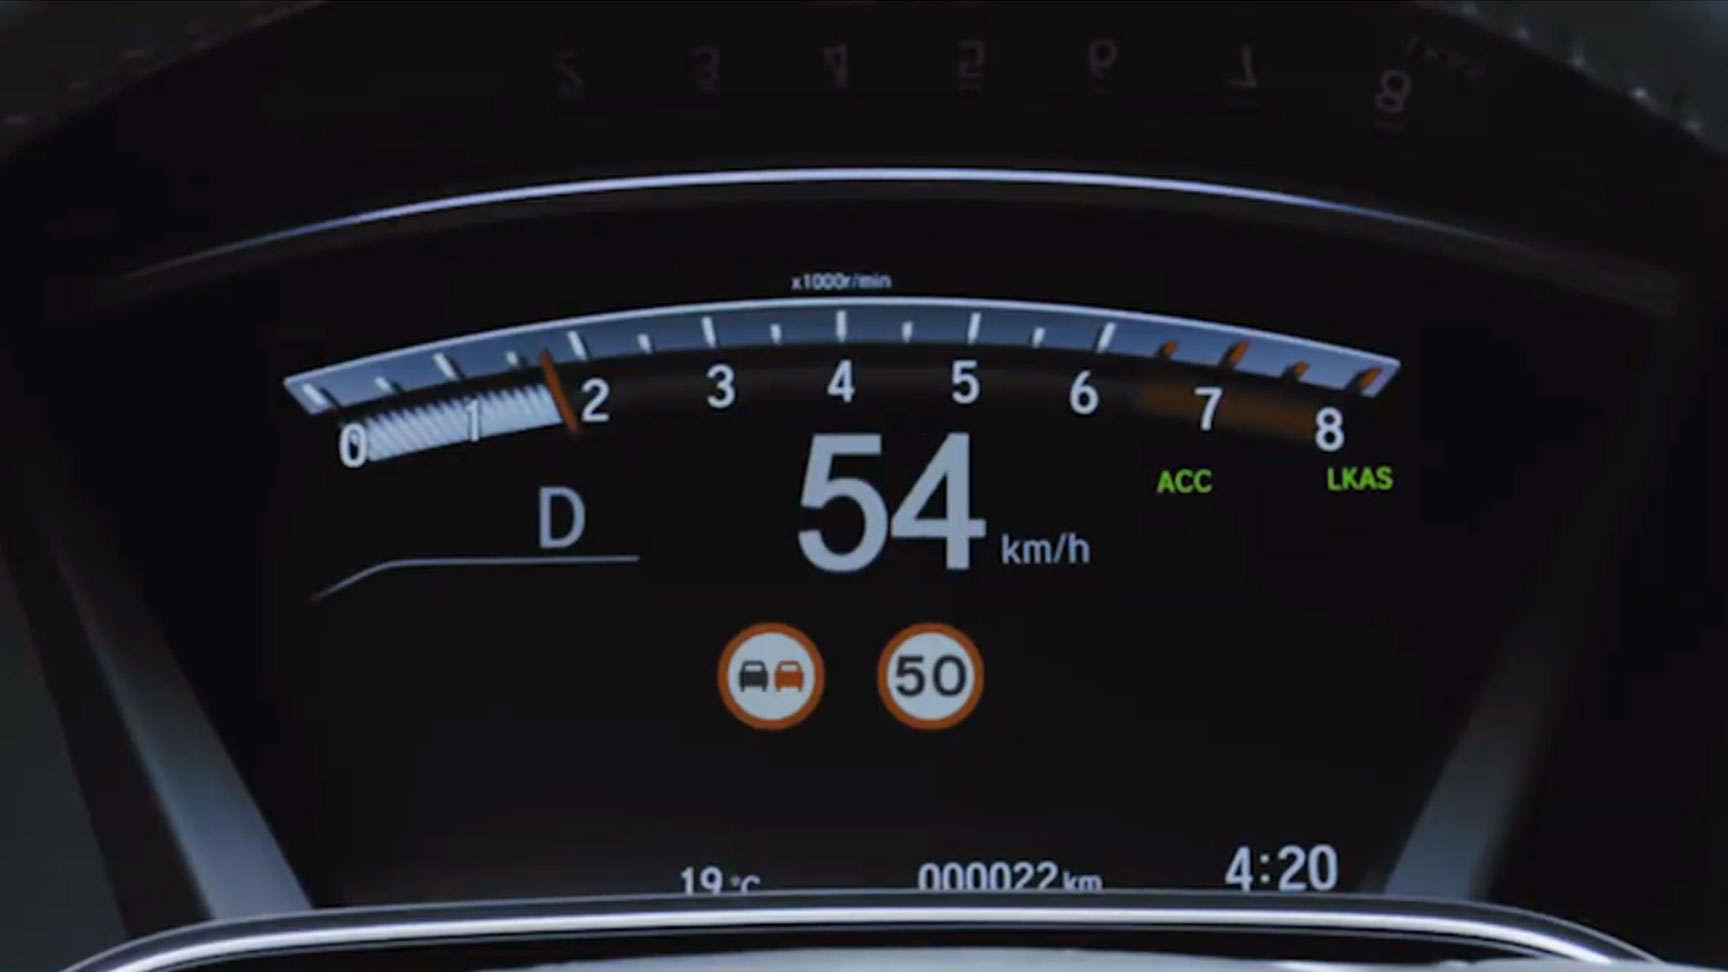 Rýchlomer zobrazujúci funkciu rozpoznávania dopravných značiek